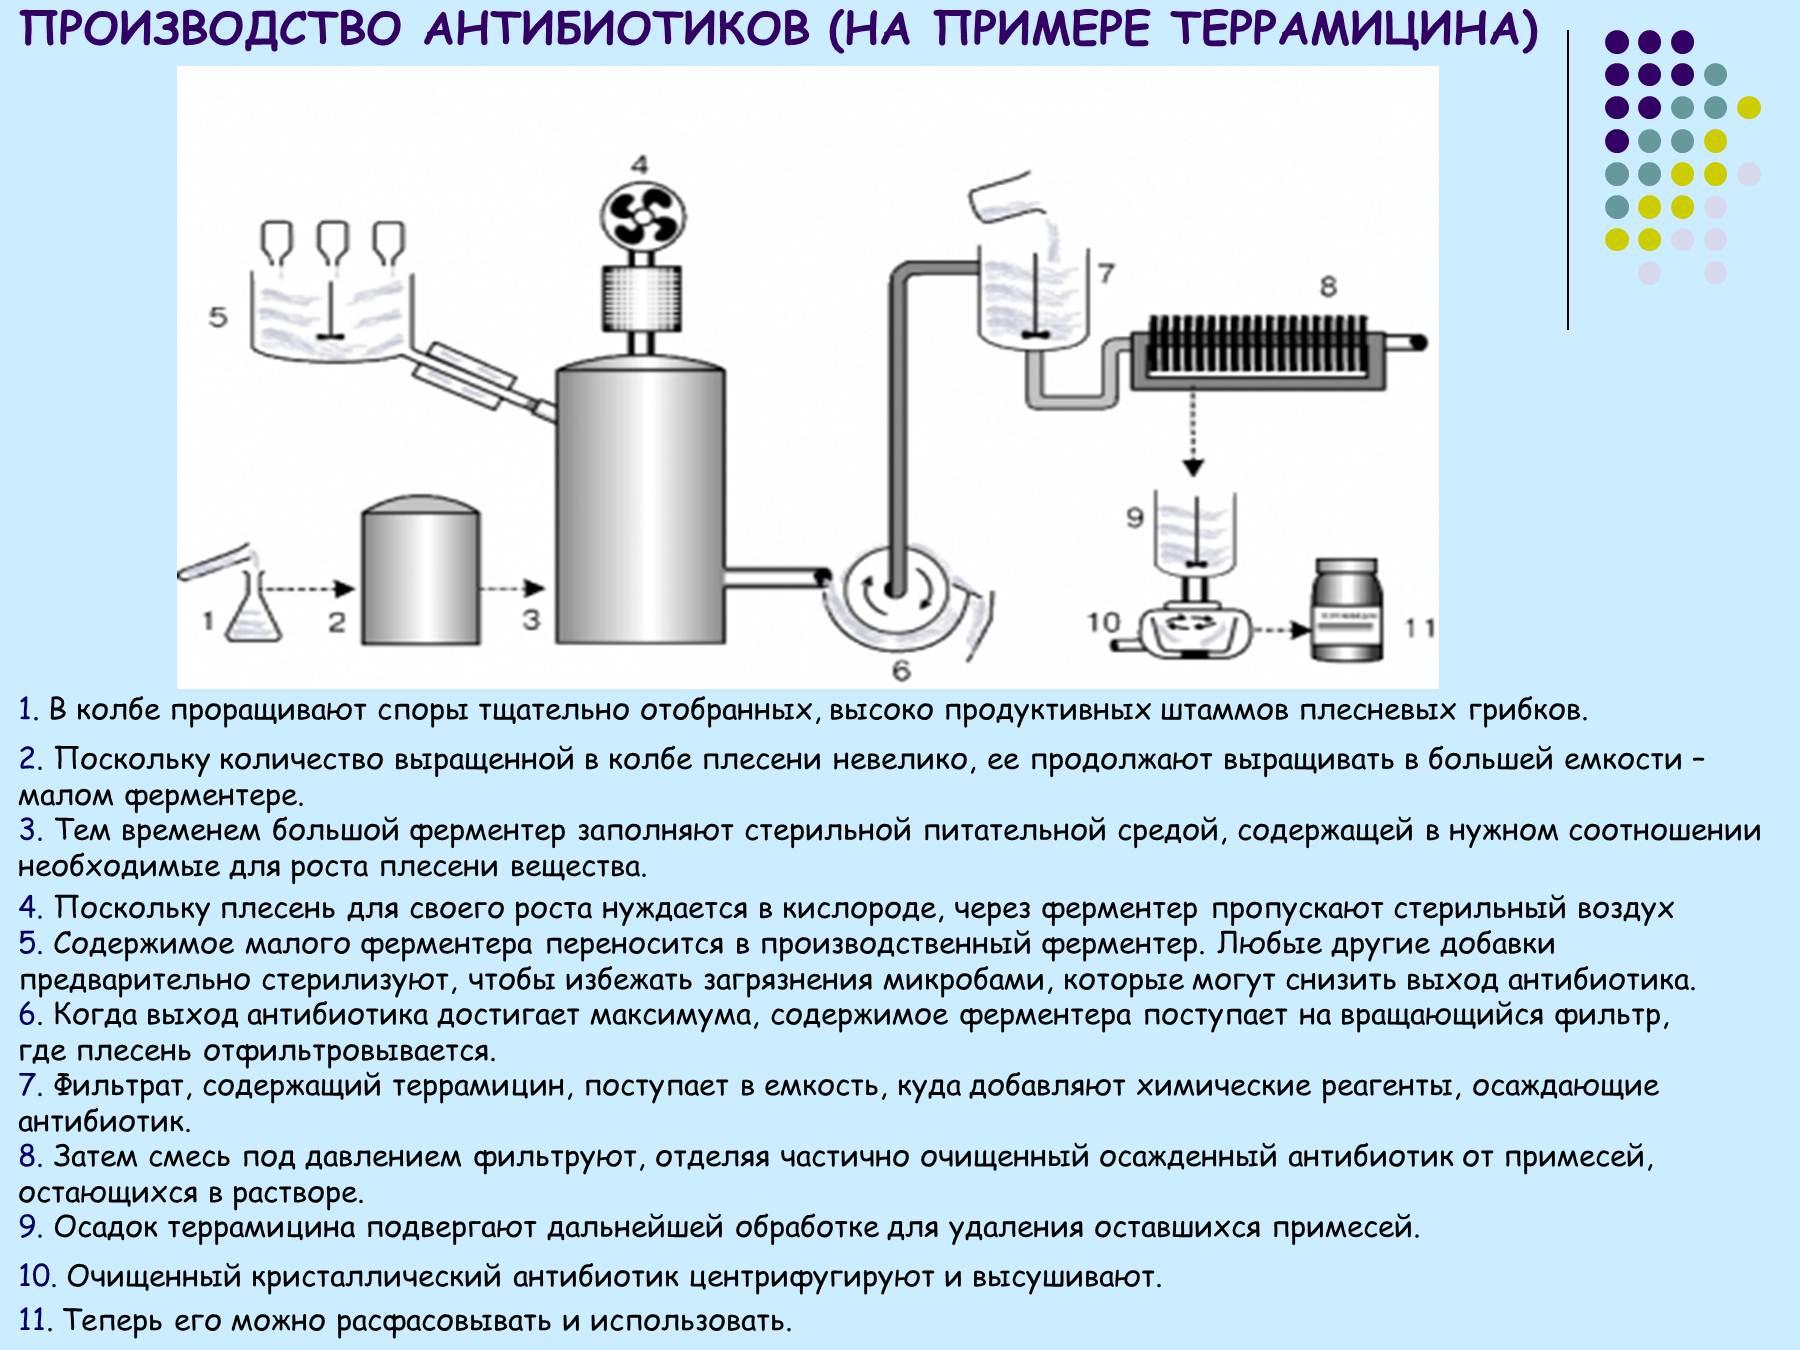 Технологическая схема приготовления суппозиториев